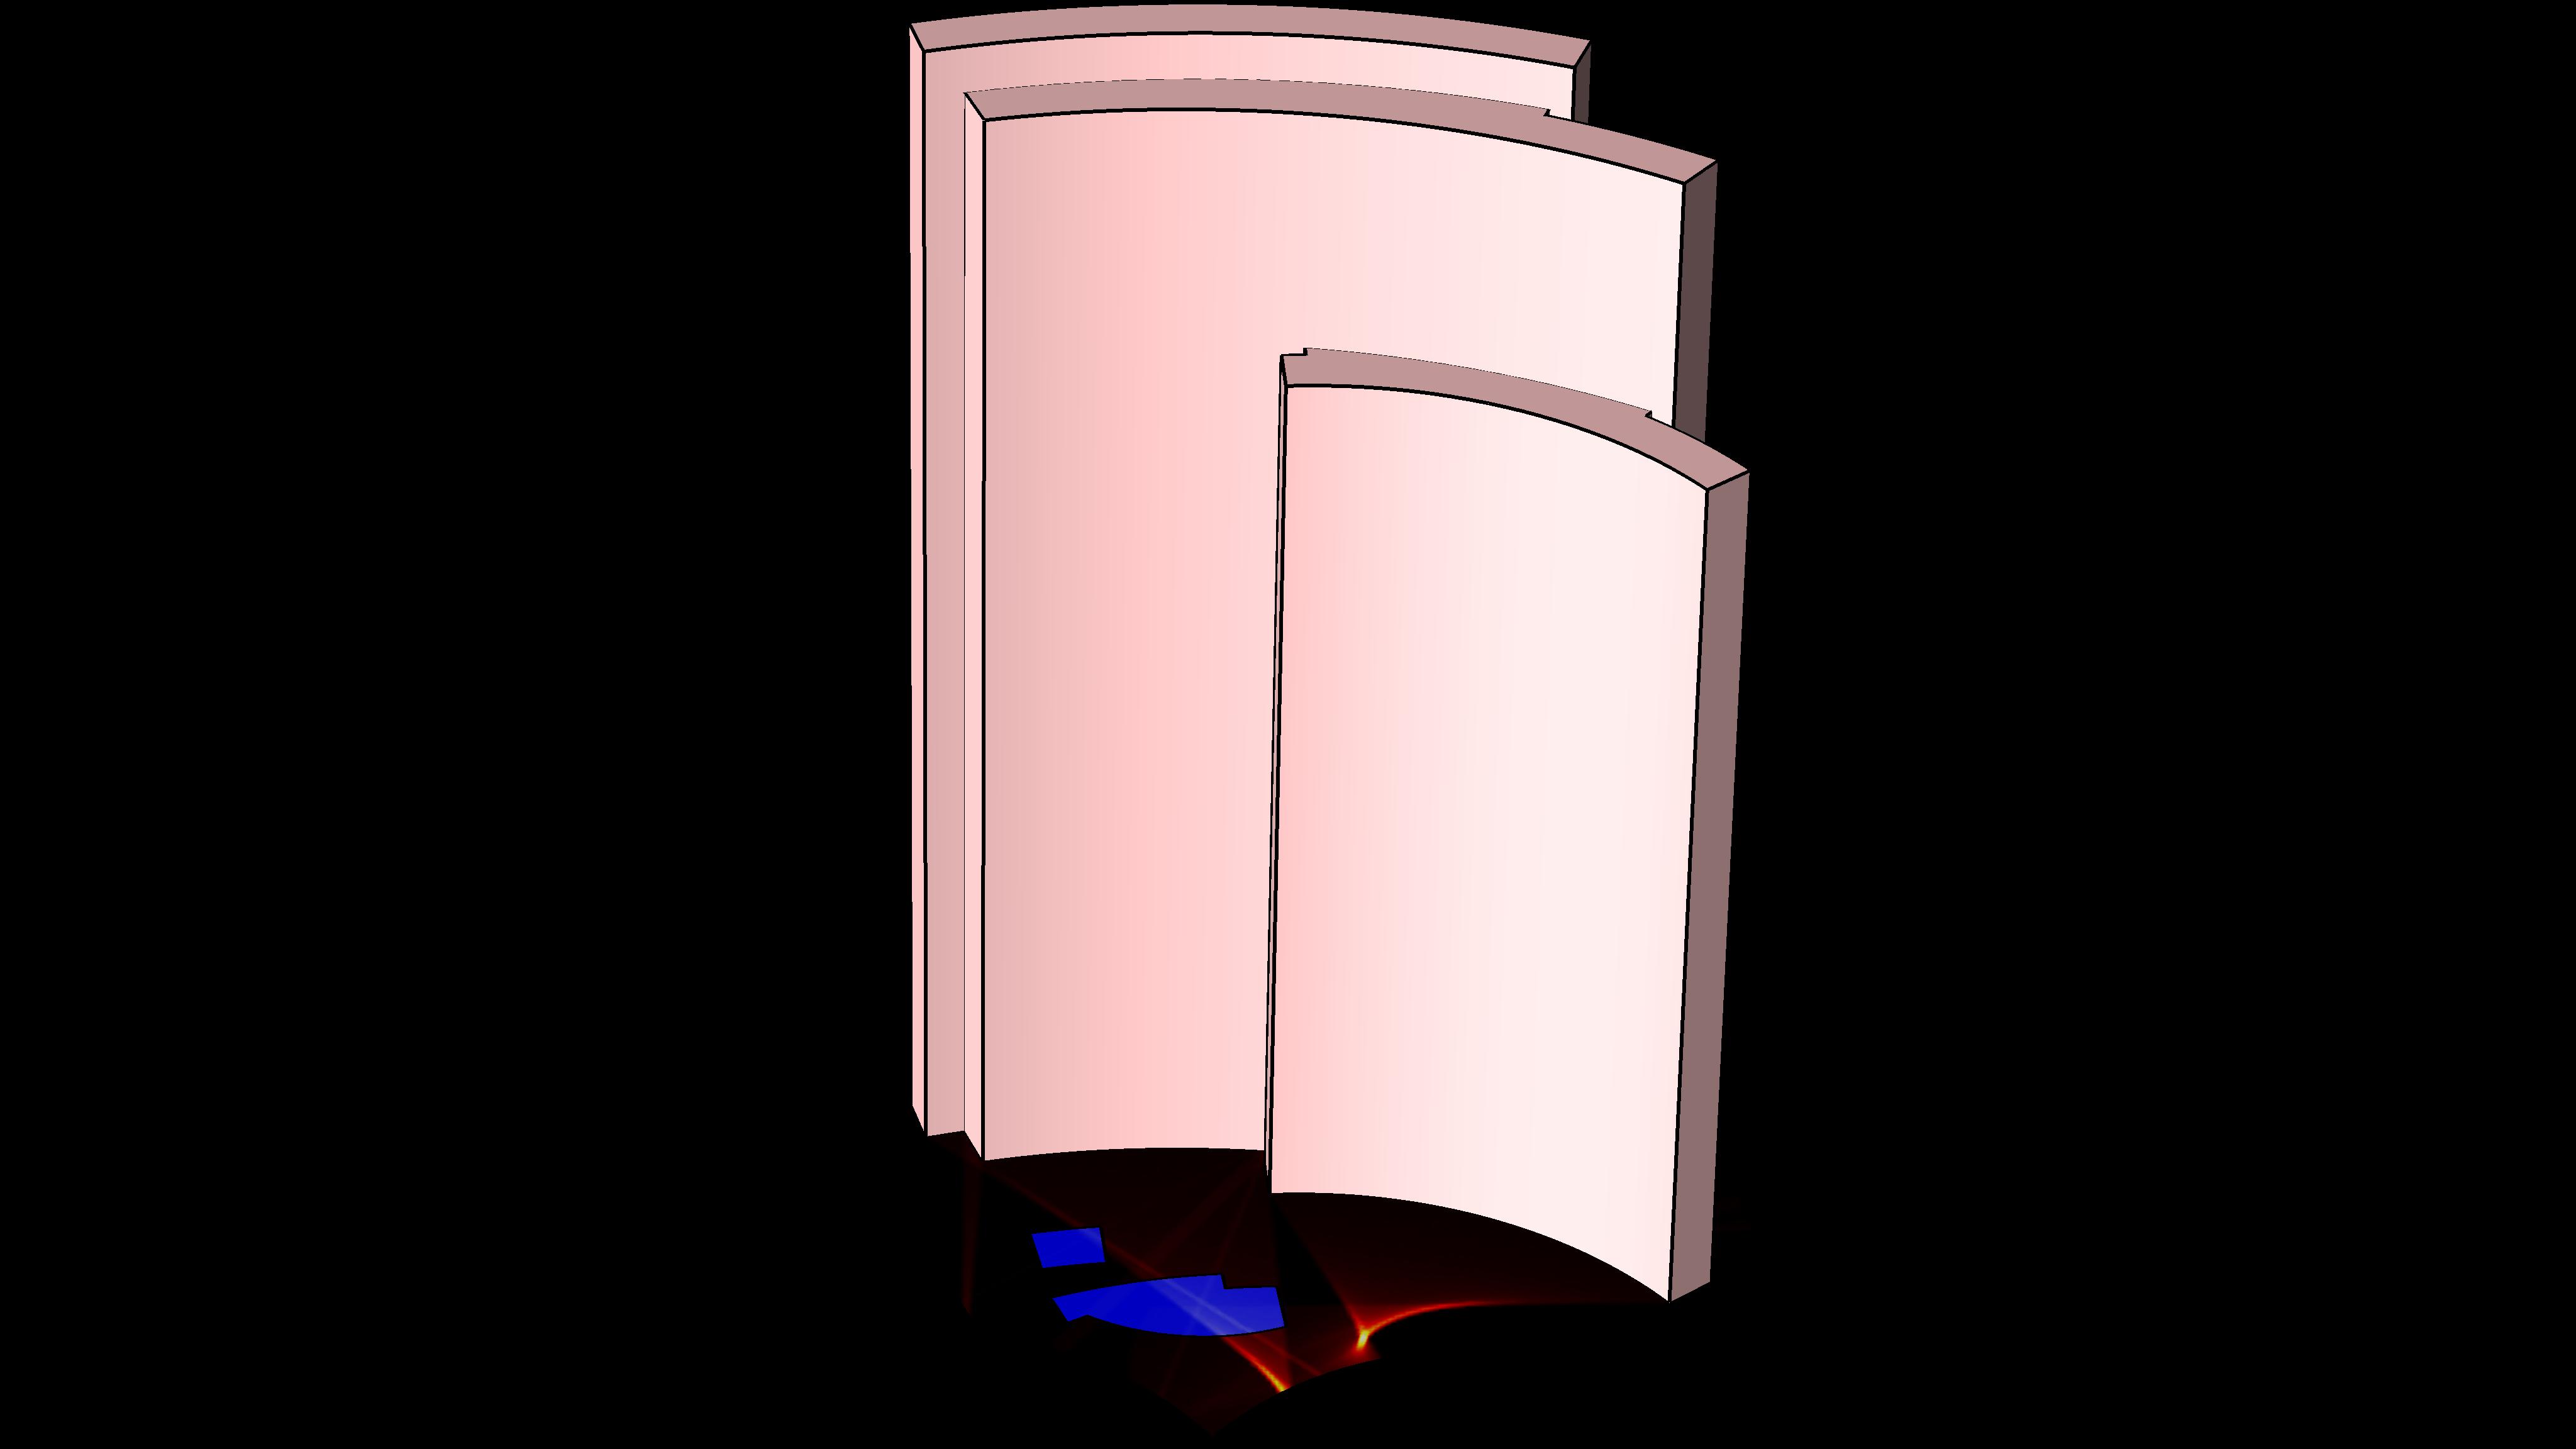 Результаты анализа каустической поверхности, выполненного посредством трассировки оптических лучей.